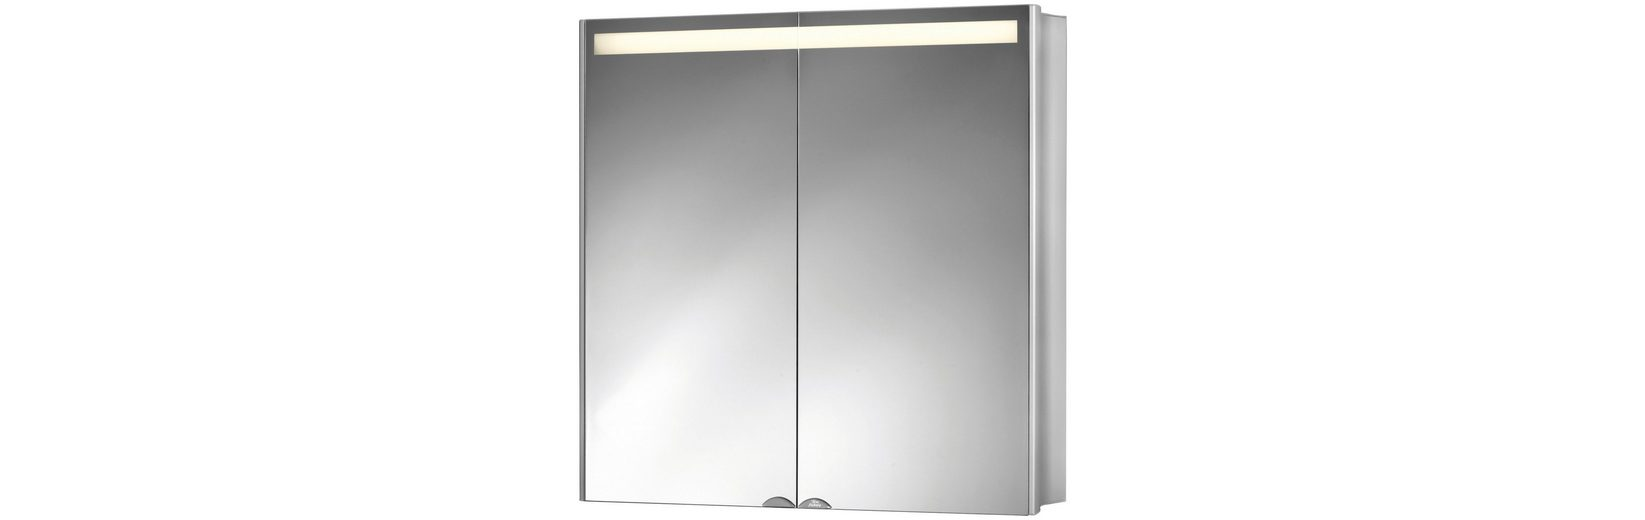 Spiegelschrank »Aluwave« Breite 66,5 cm, mit LEDBeleuchtung online